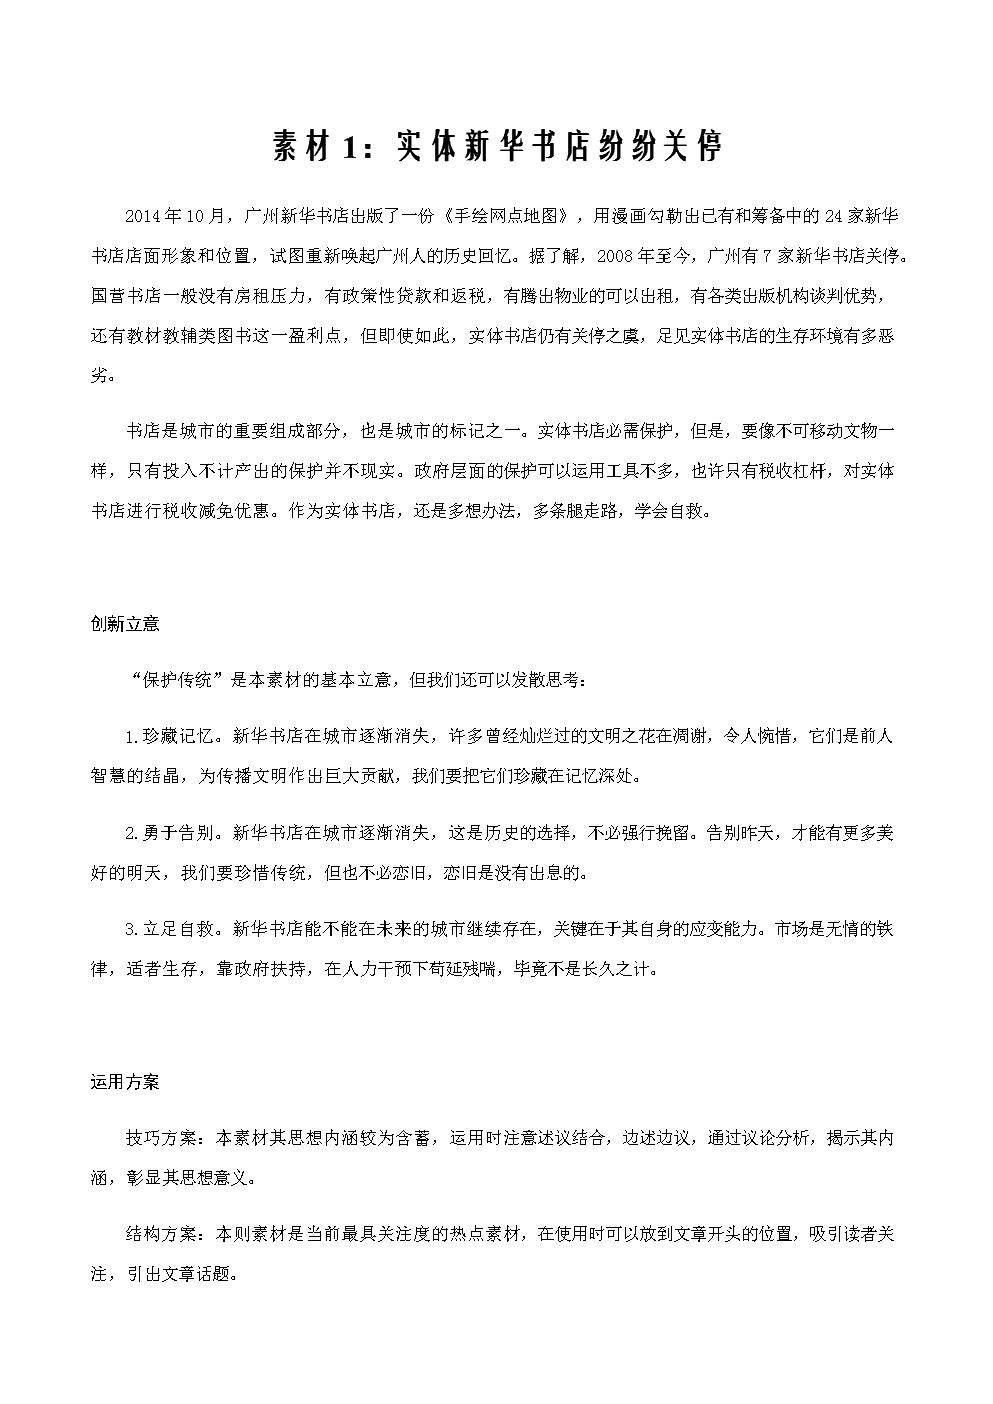 素材1:实体新华书店纷纷关停-2020年高考作文备考冷素材热用.docx